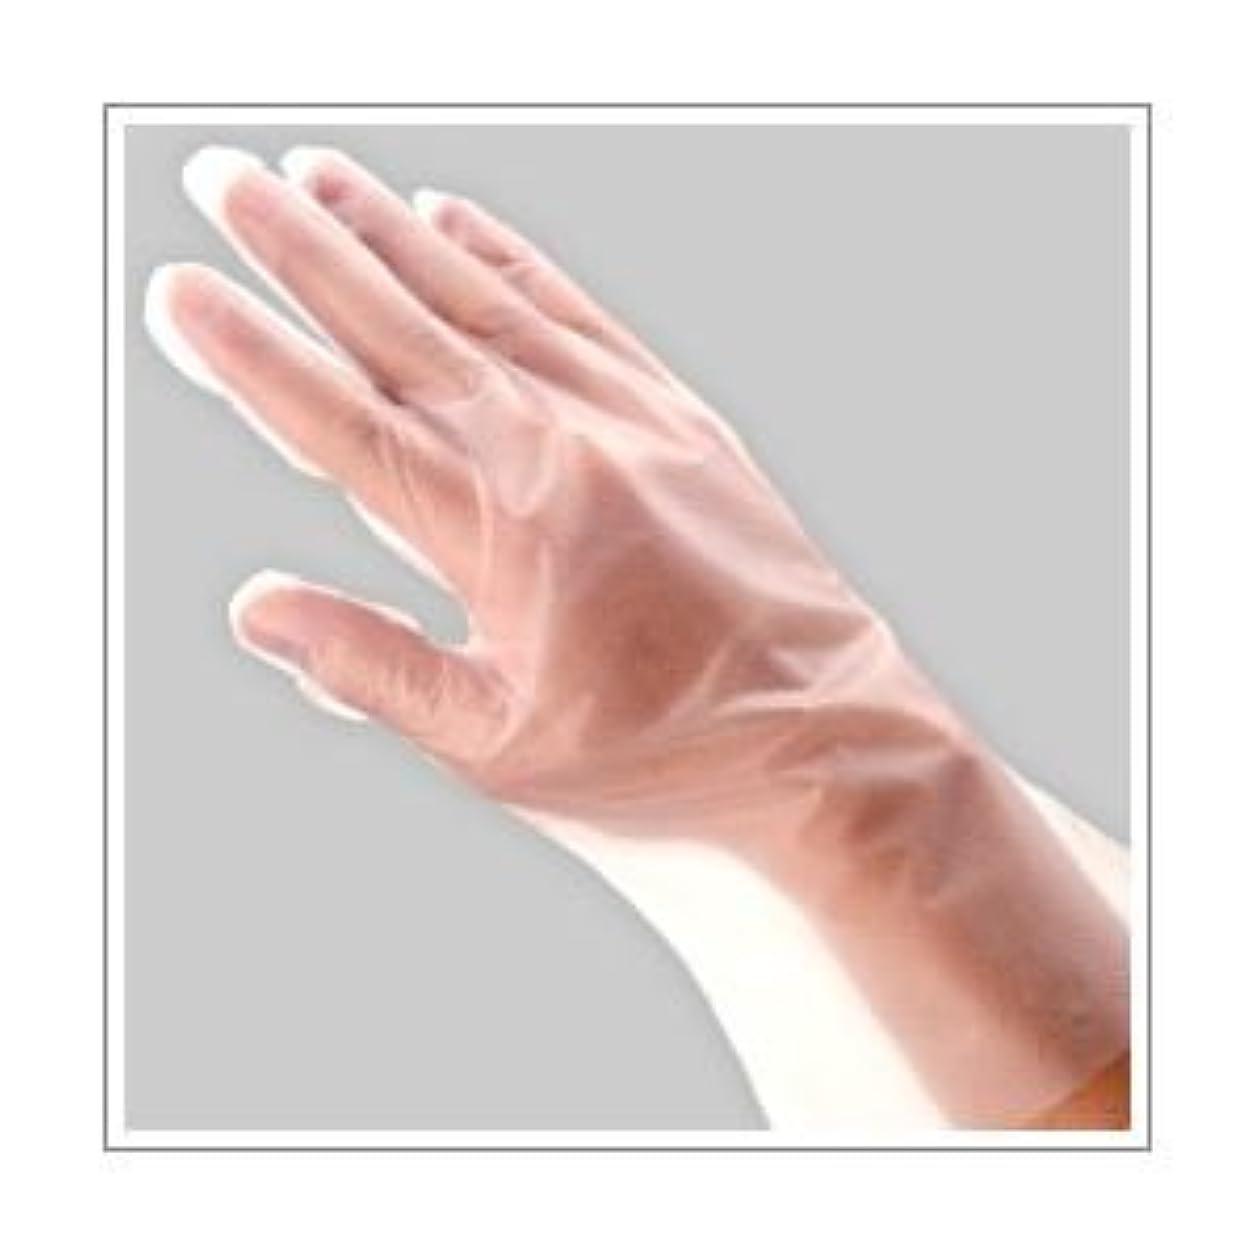 しなやか慎重魂(業務用セット) 福助工業 ポリ手袋 指フィット 100枚パック S 【×10セット】